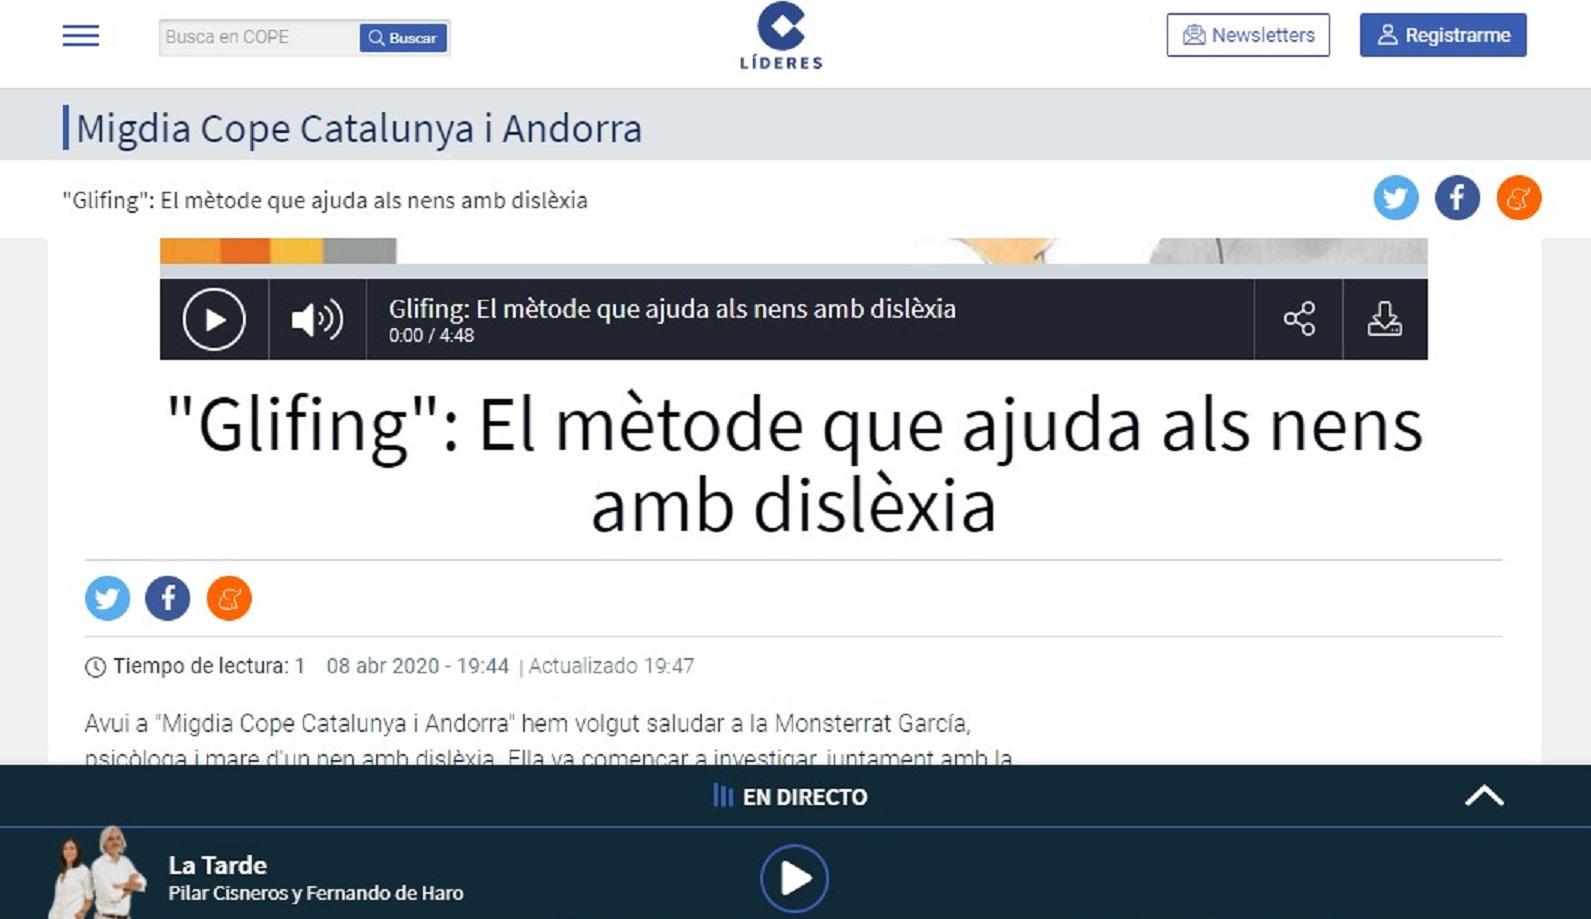 """Glifing en el programa """"Migdia Cope Catalunya i Andorra""""de la Cadena COPE - 08/04/2020 gabinete de prensa"""